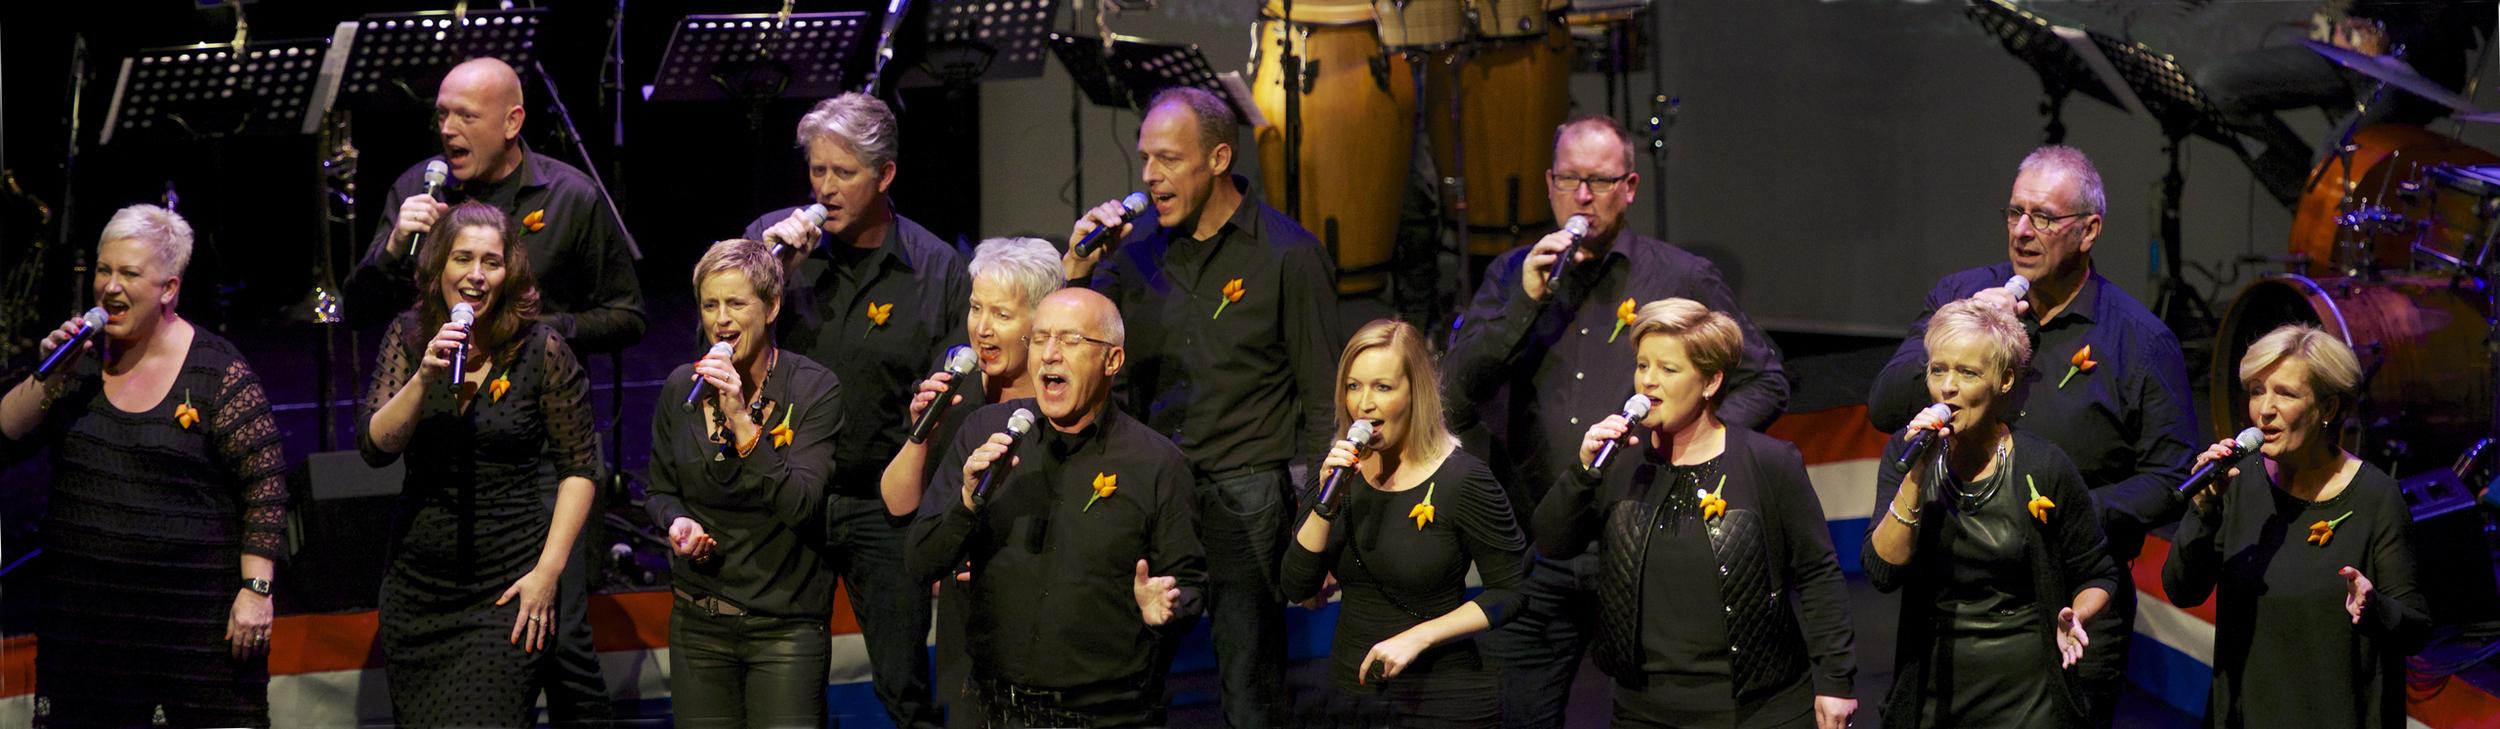 New Valley Singers groepsfoto